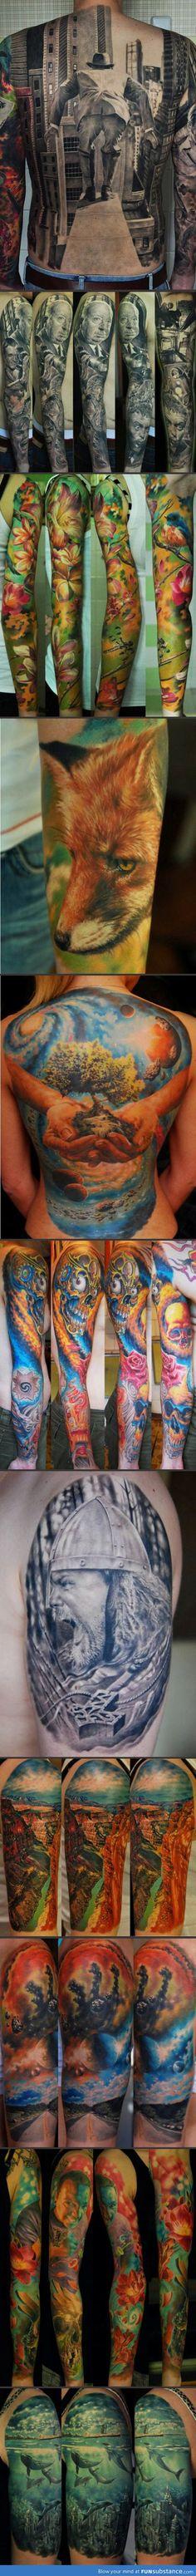 Wonderful tattoo designs